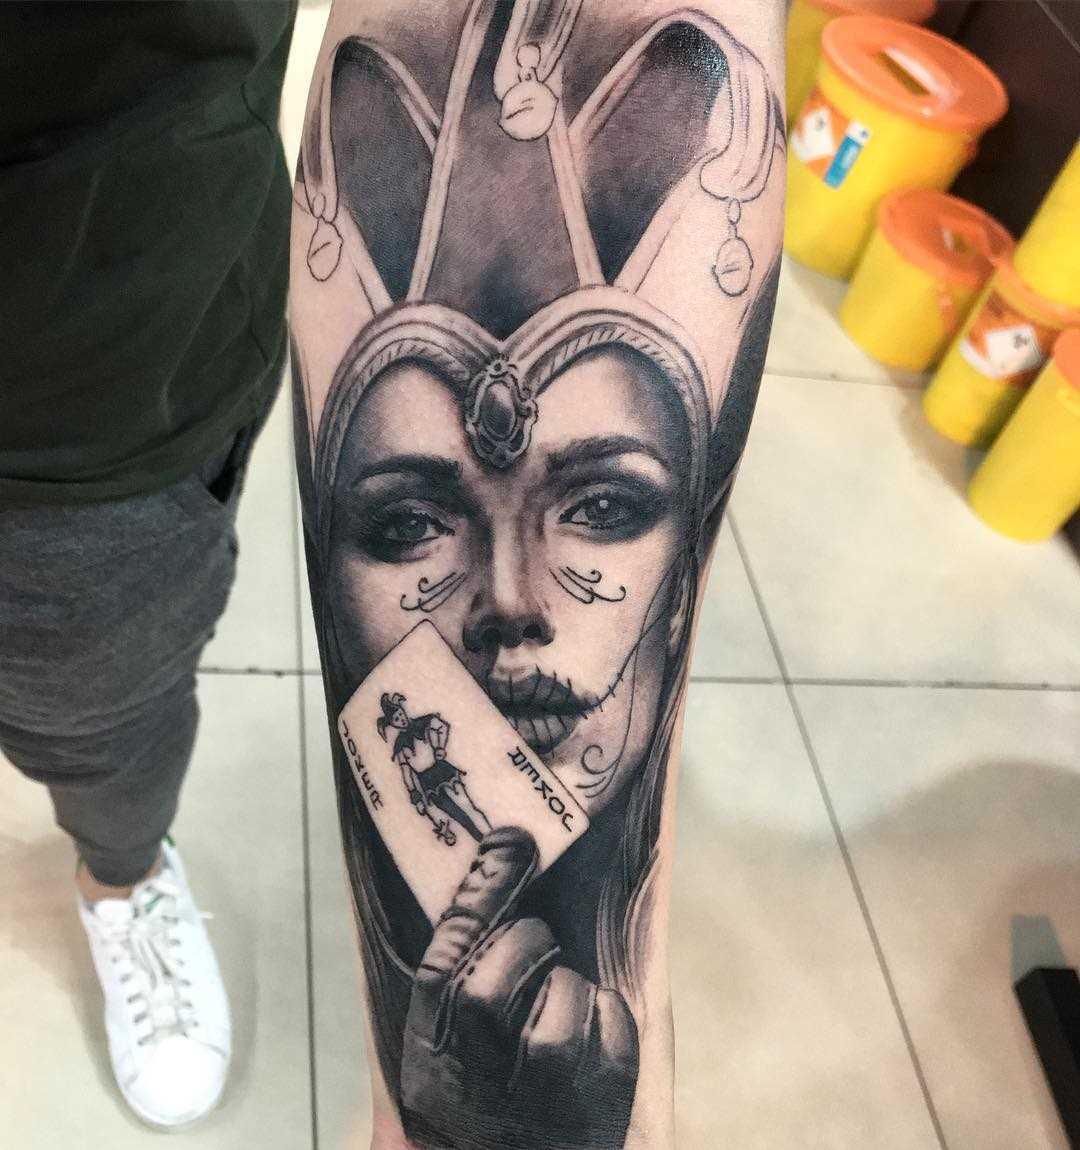 Legal a tatuagem de uma menina de bobo da corte com cartão no antebraço cara